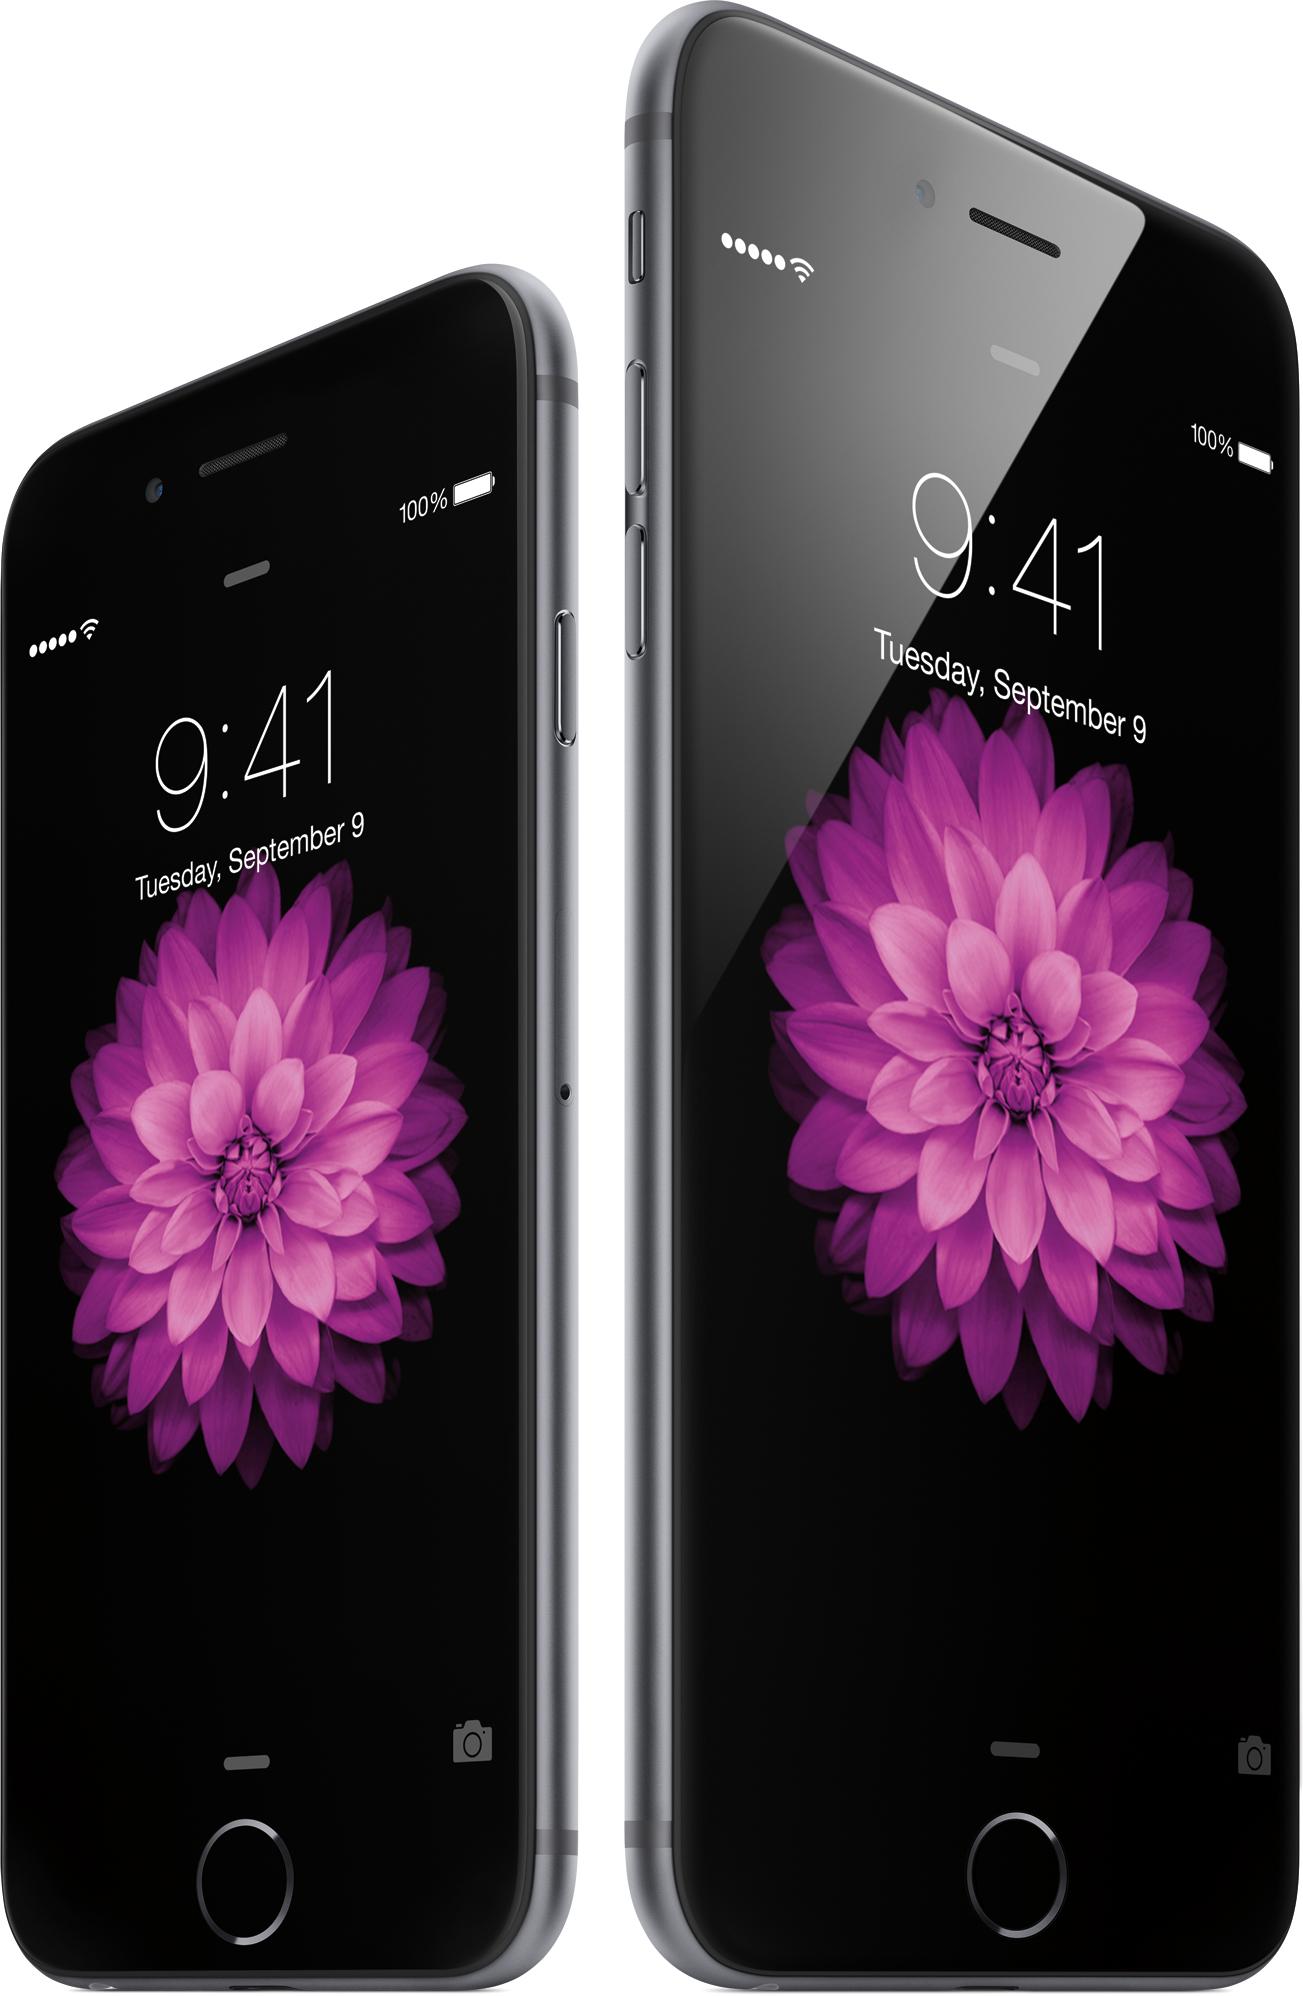 iPhone 6 e iPhone 6 Plus na tela bloqueada, lado a lado